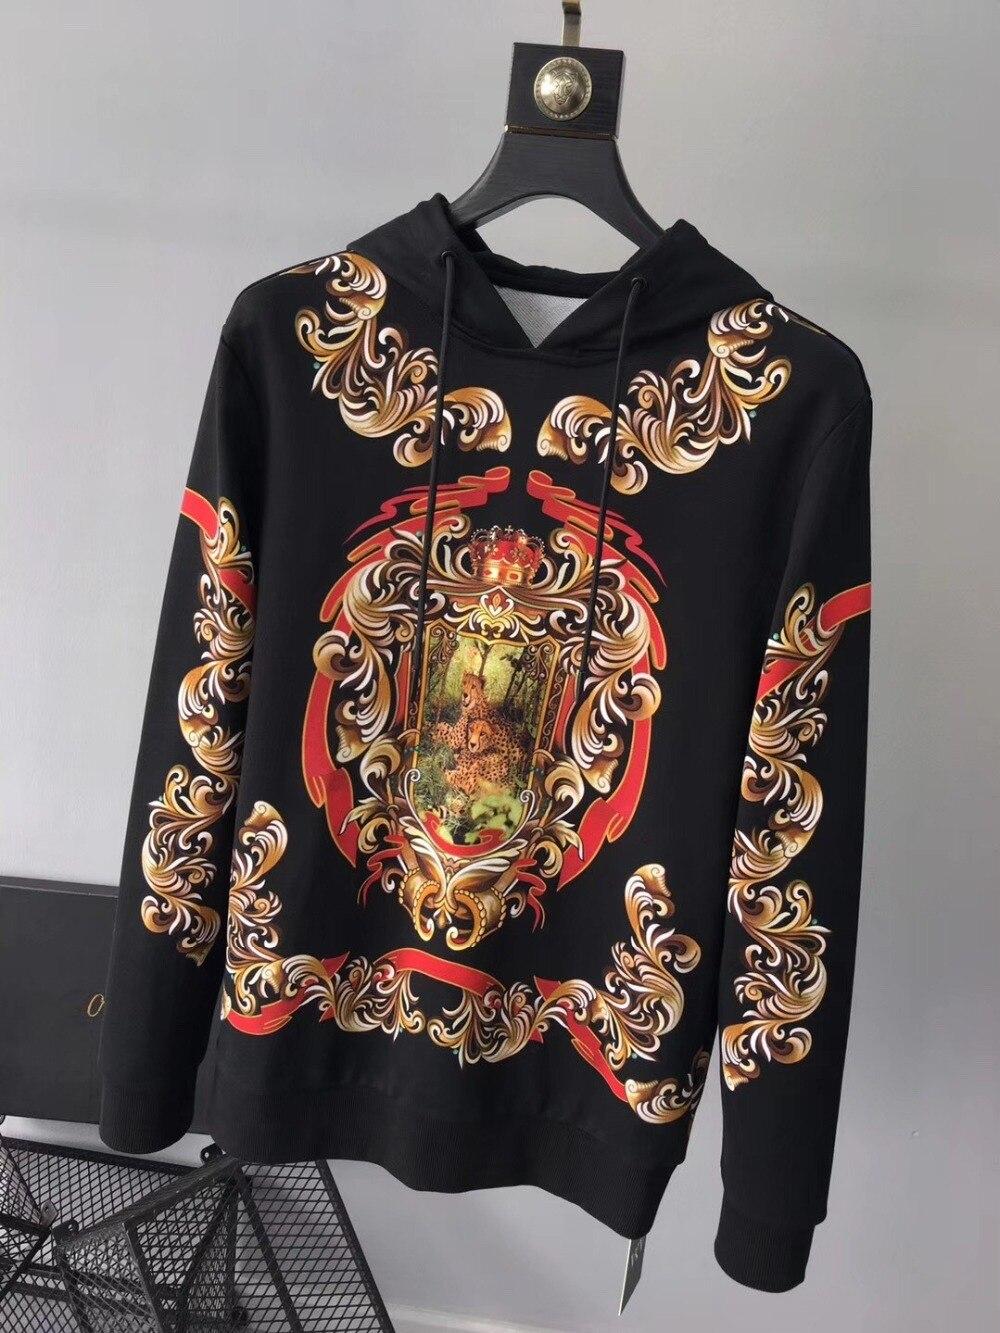 2019 Весна Новое поступление моды цветок цветочный Леопардовый принт Ретро винтажные мужские свитера и толстовки Дизайнерская одежда